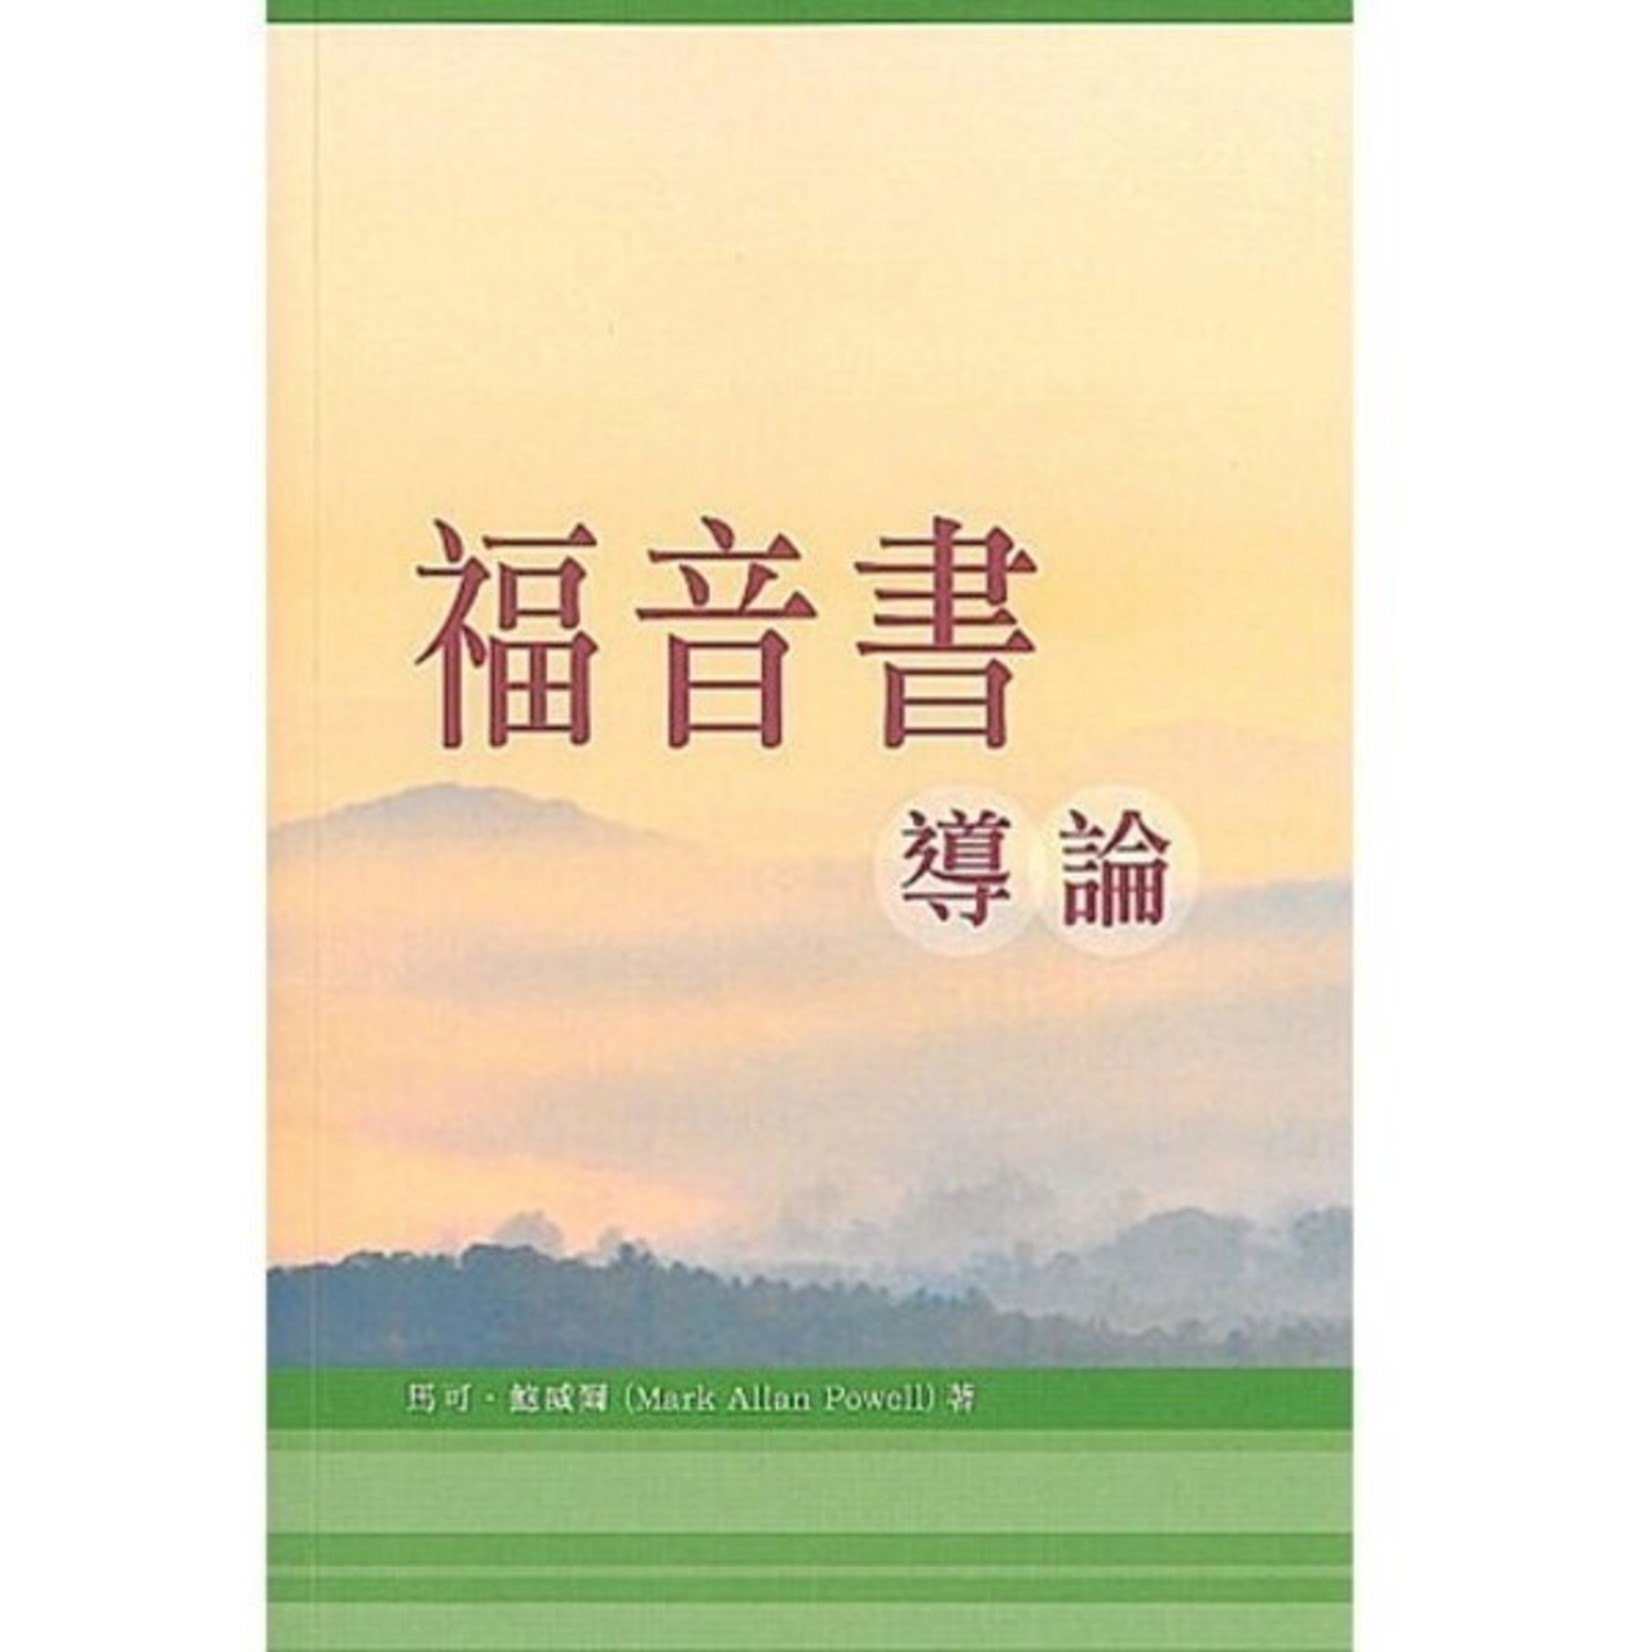 道聲(香港) Taosheng Hong Kong 福音書導論 Fortress Introduction to the Gospels